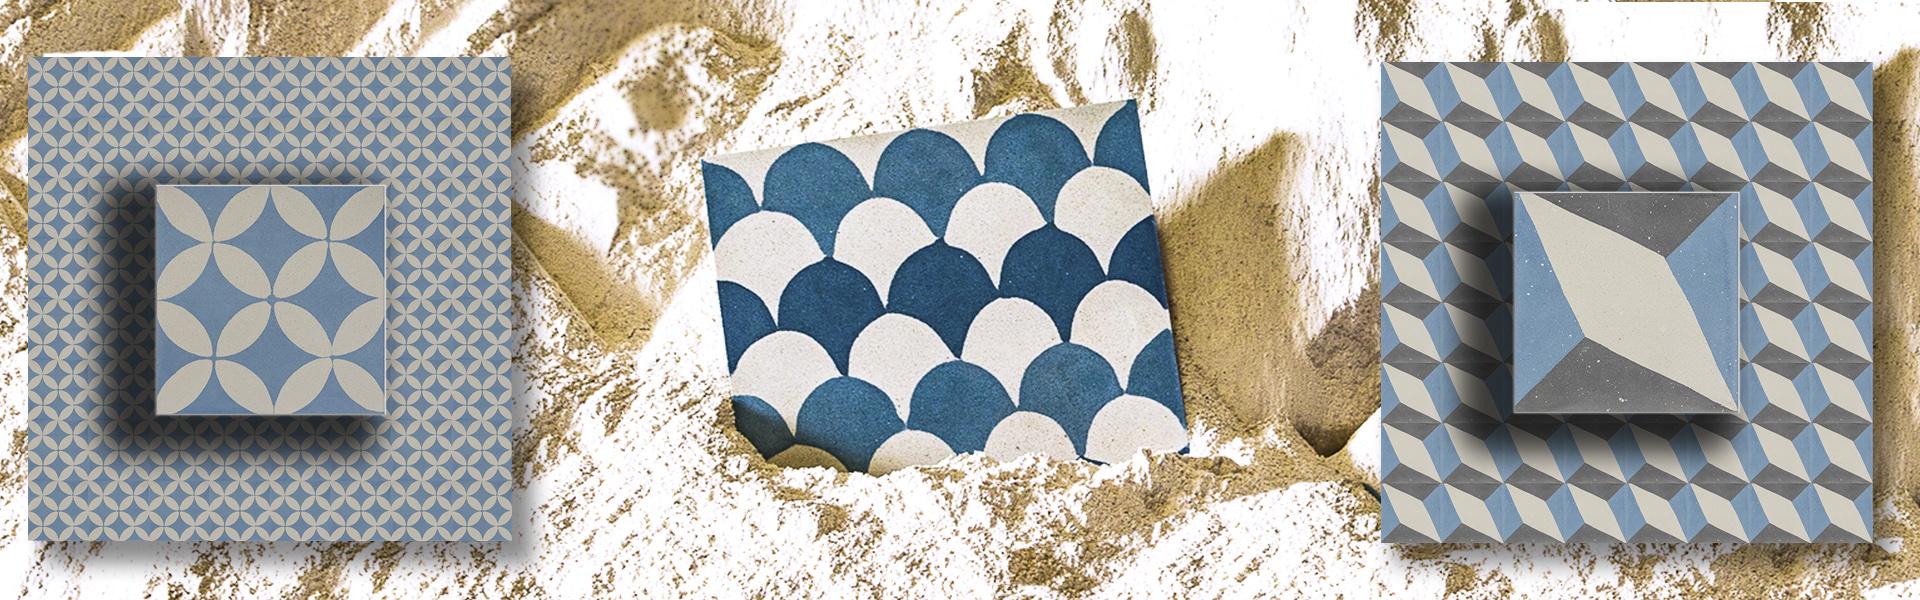 Piastrelle cementine online di Hometrèschic